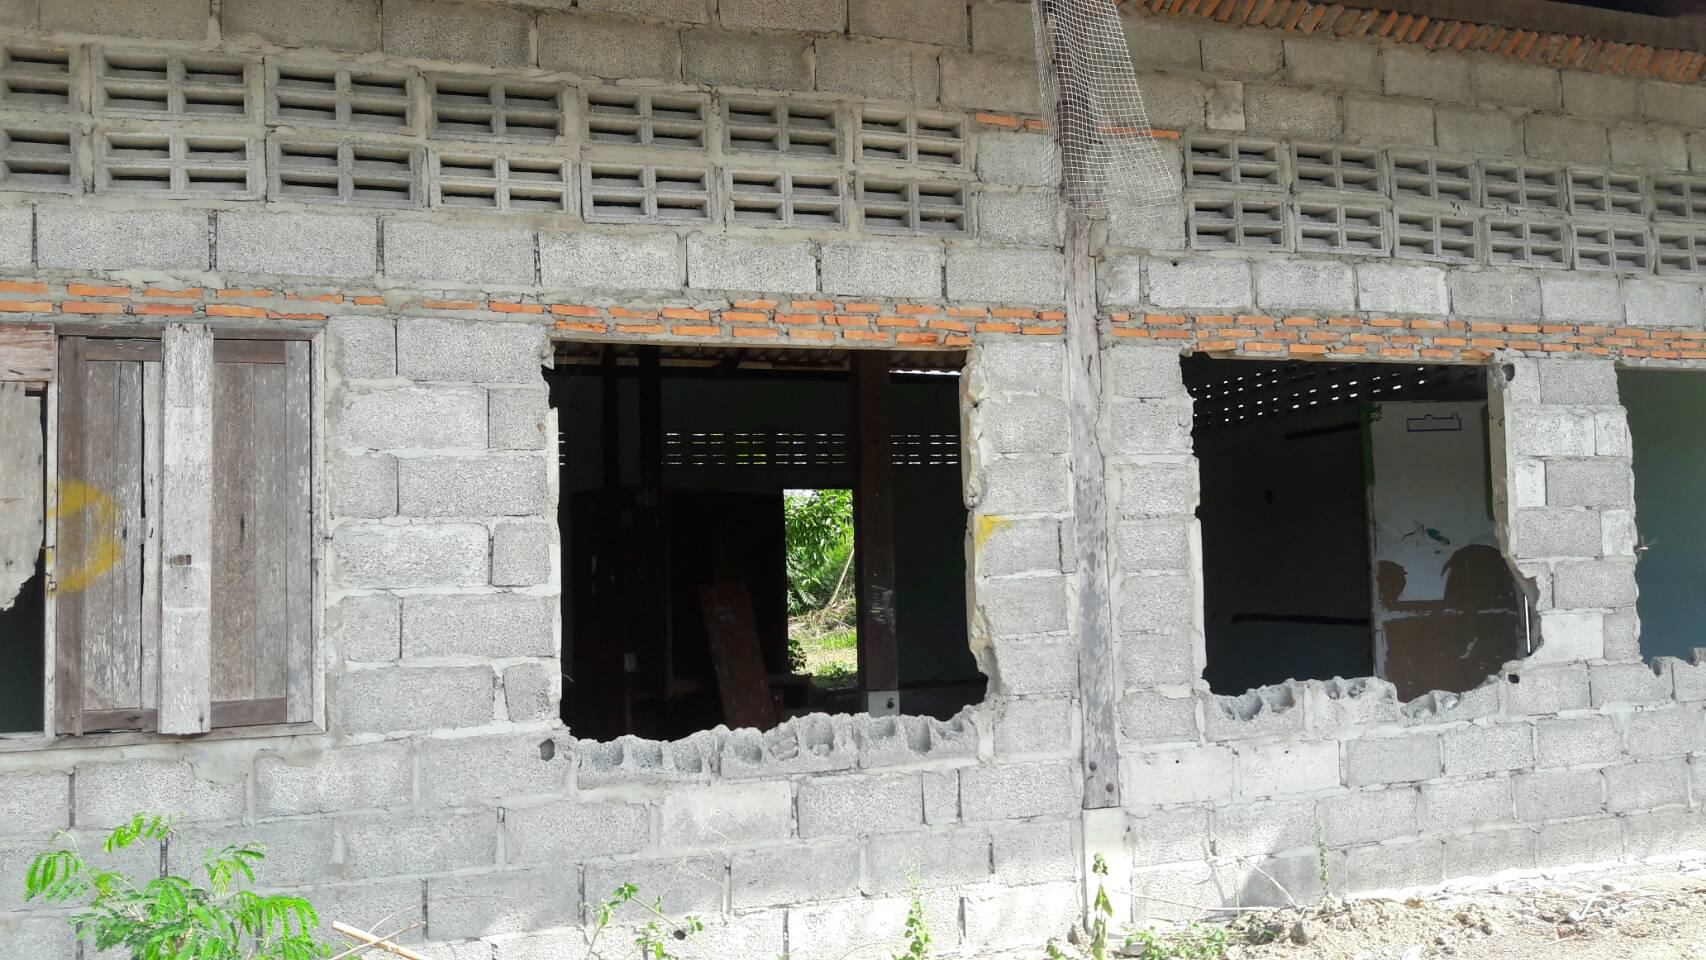 """ผ้าป่า การศึกษา วันที่ 14 กุมภาพันธ์ 2561ผ้าป่าสามัคคีเพื่อการศึกษา """"สร้างพลังความรัก สู่การพัฒนาคนพิการ"""""""